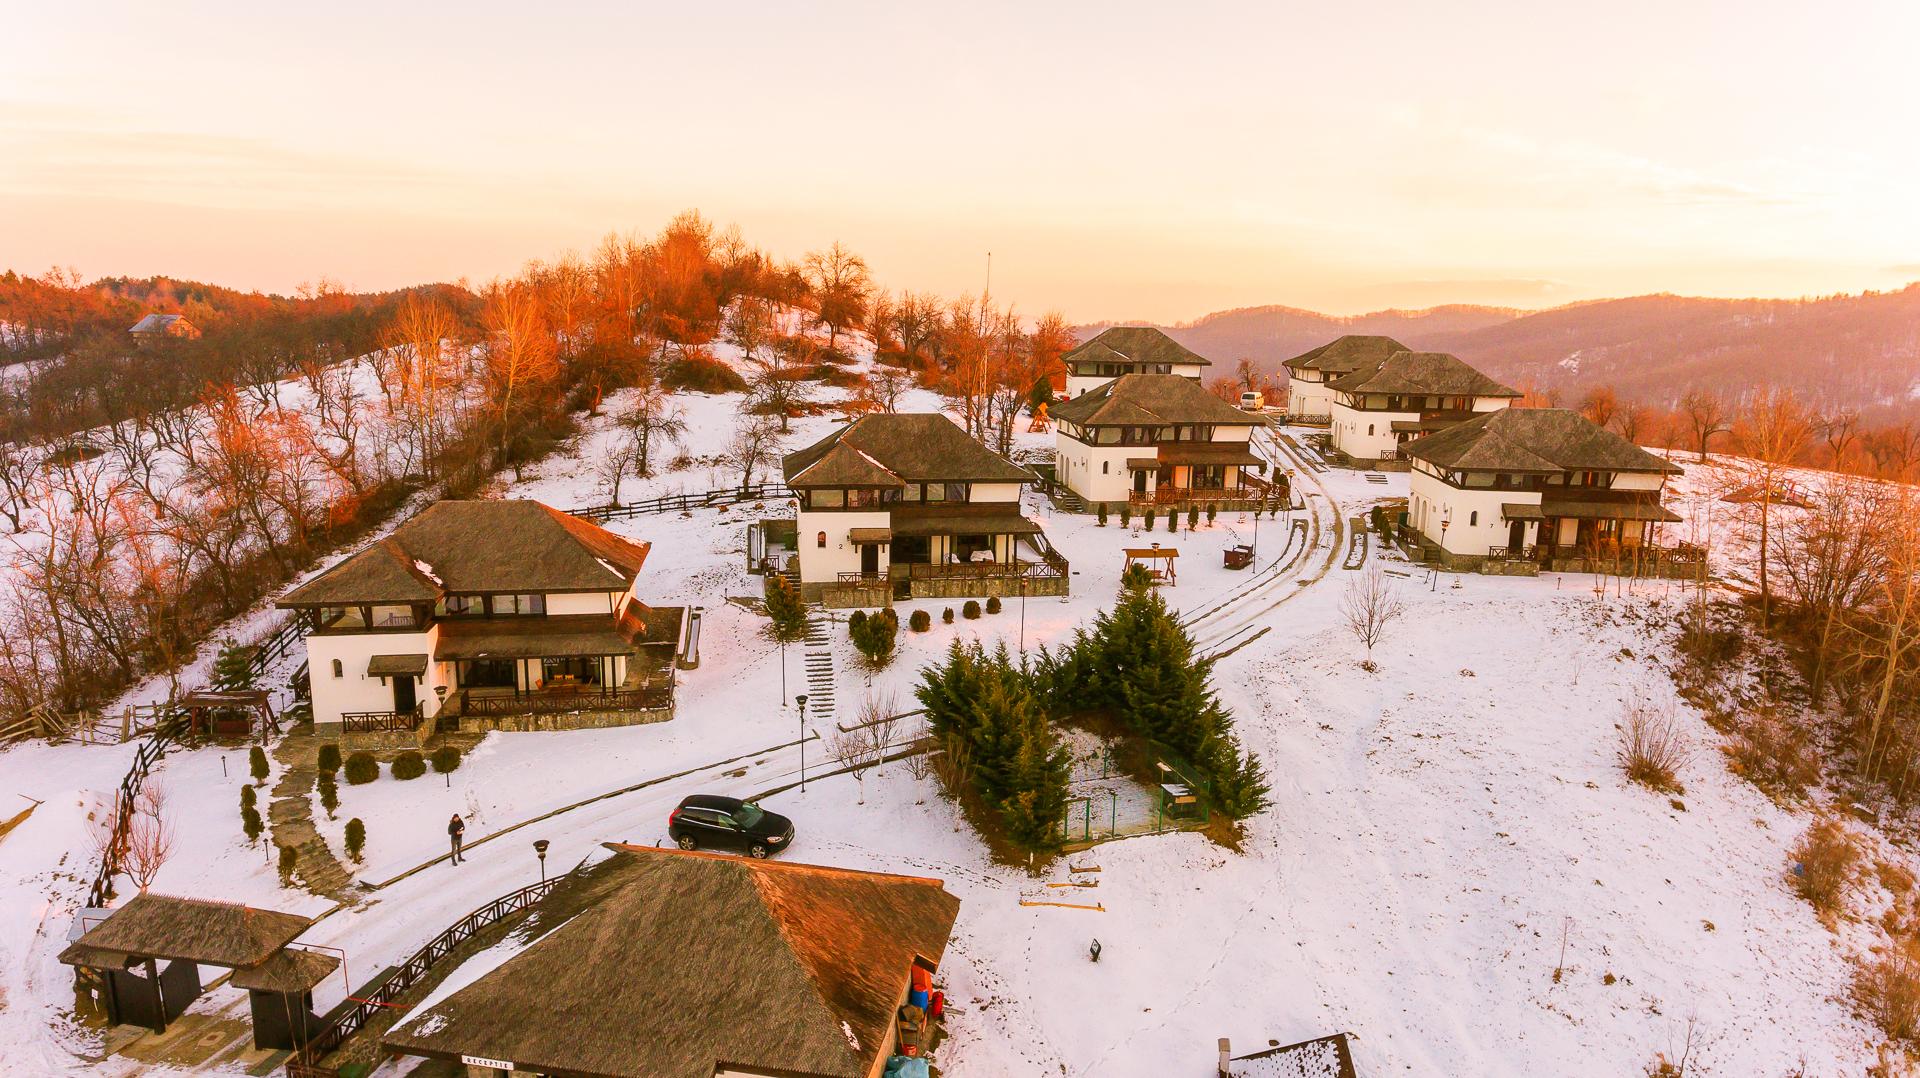 SatulPrunilor_Iarna_Exterior_013